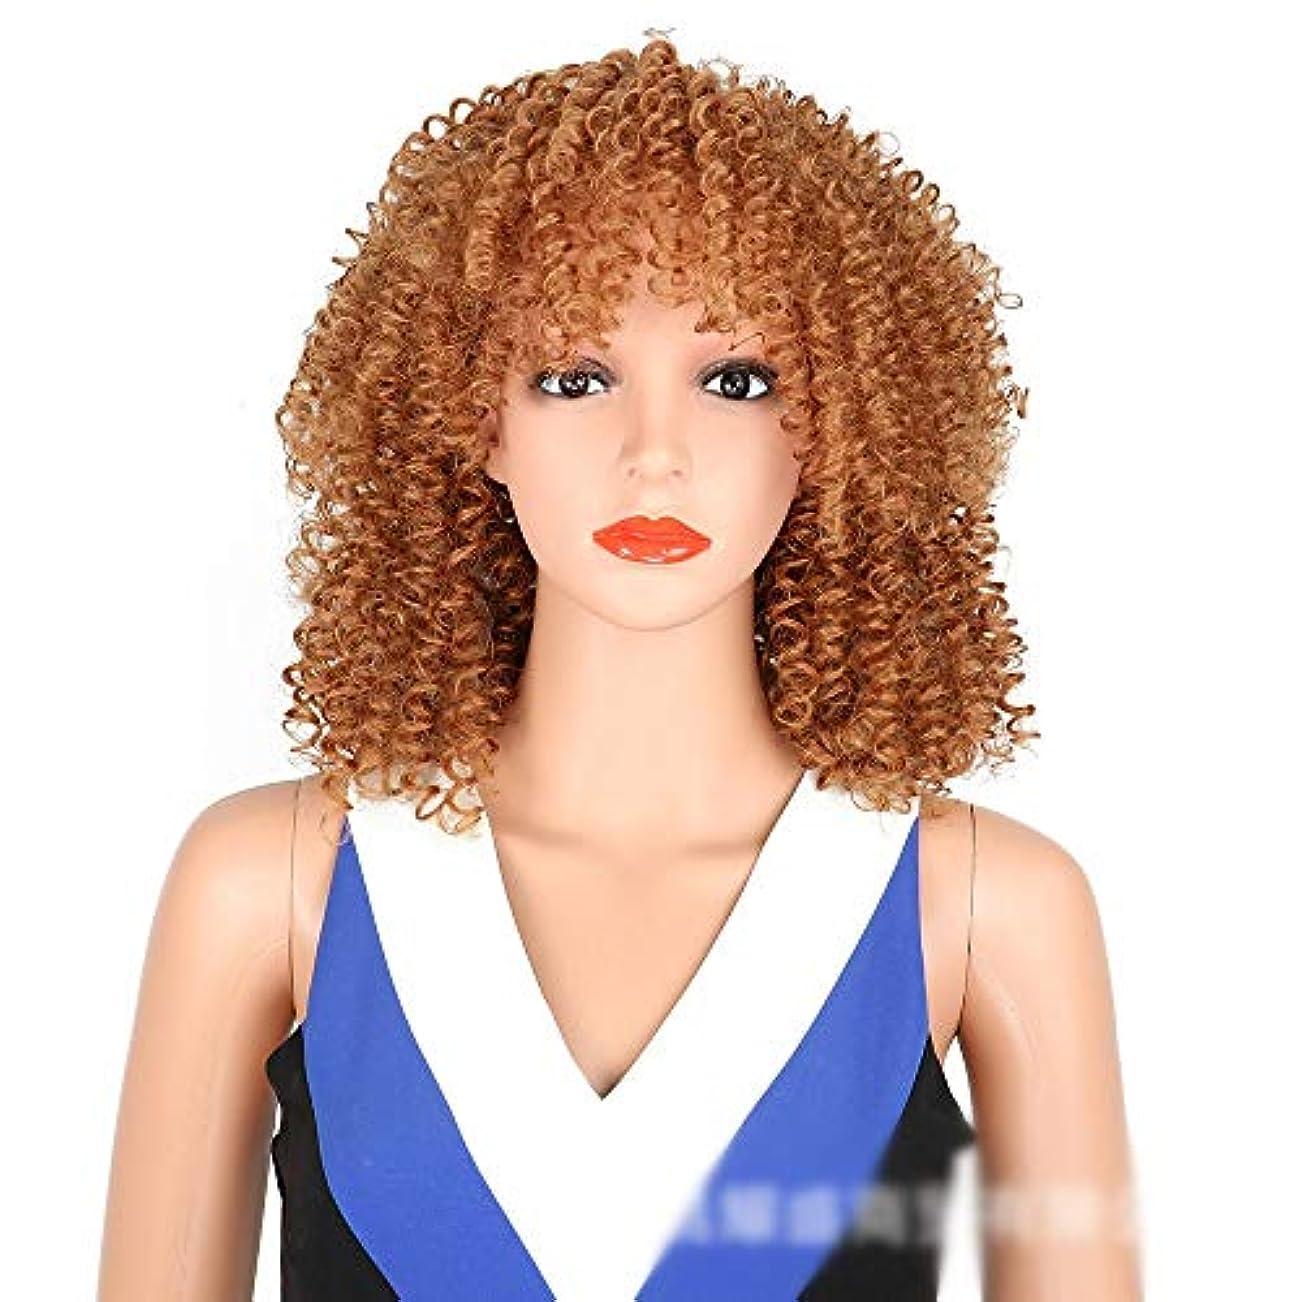 クリックマイクロフォン重くするJULYTER 前髪爆発ヘッドささやかな巻き毛のかつらコスプレパーティートリムでアフリカの黒人女性の短い巻き毛 (色 : ブラウン)